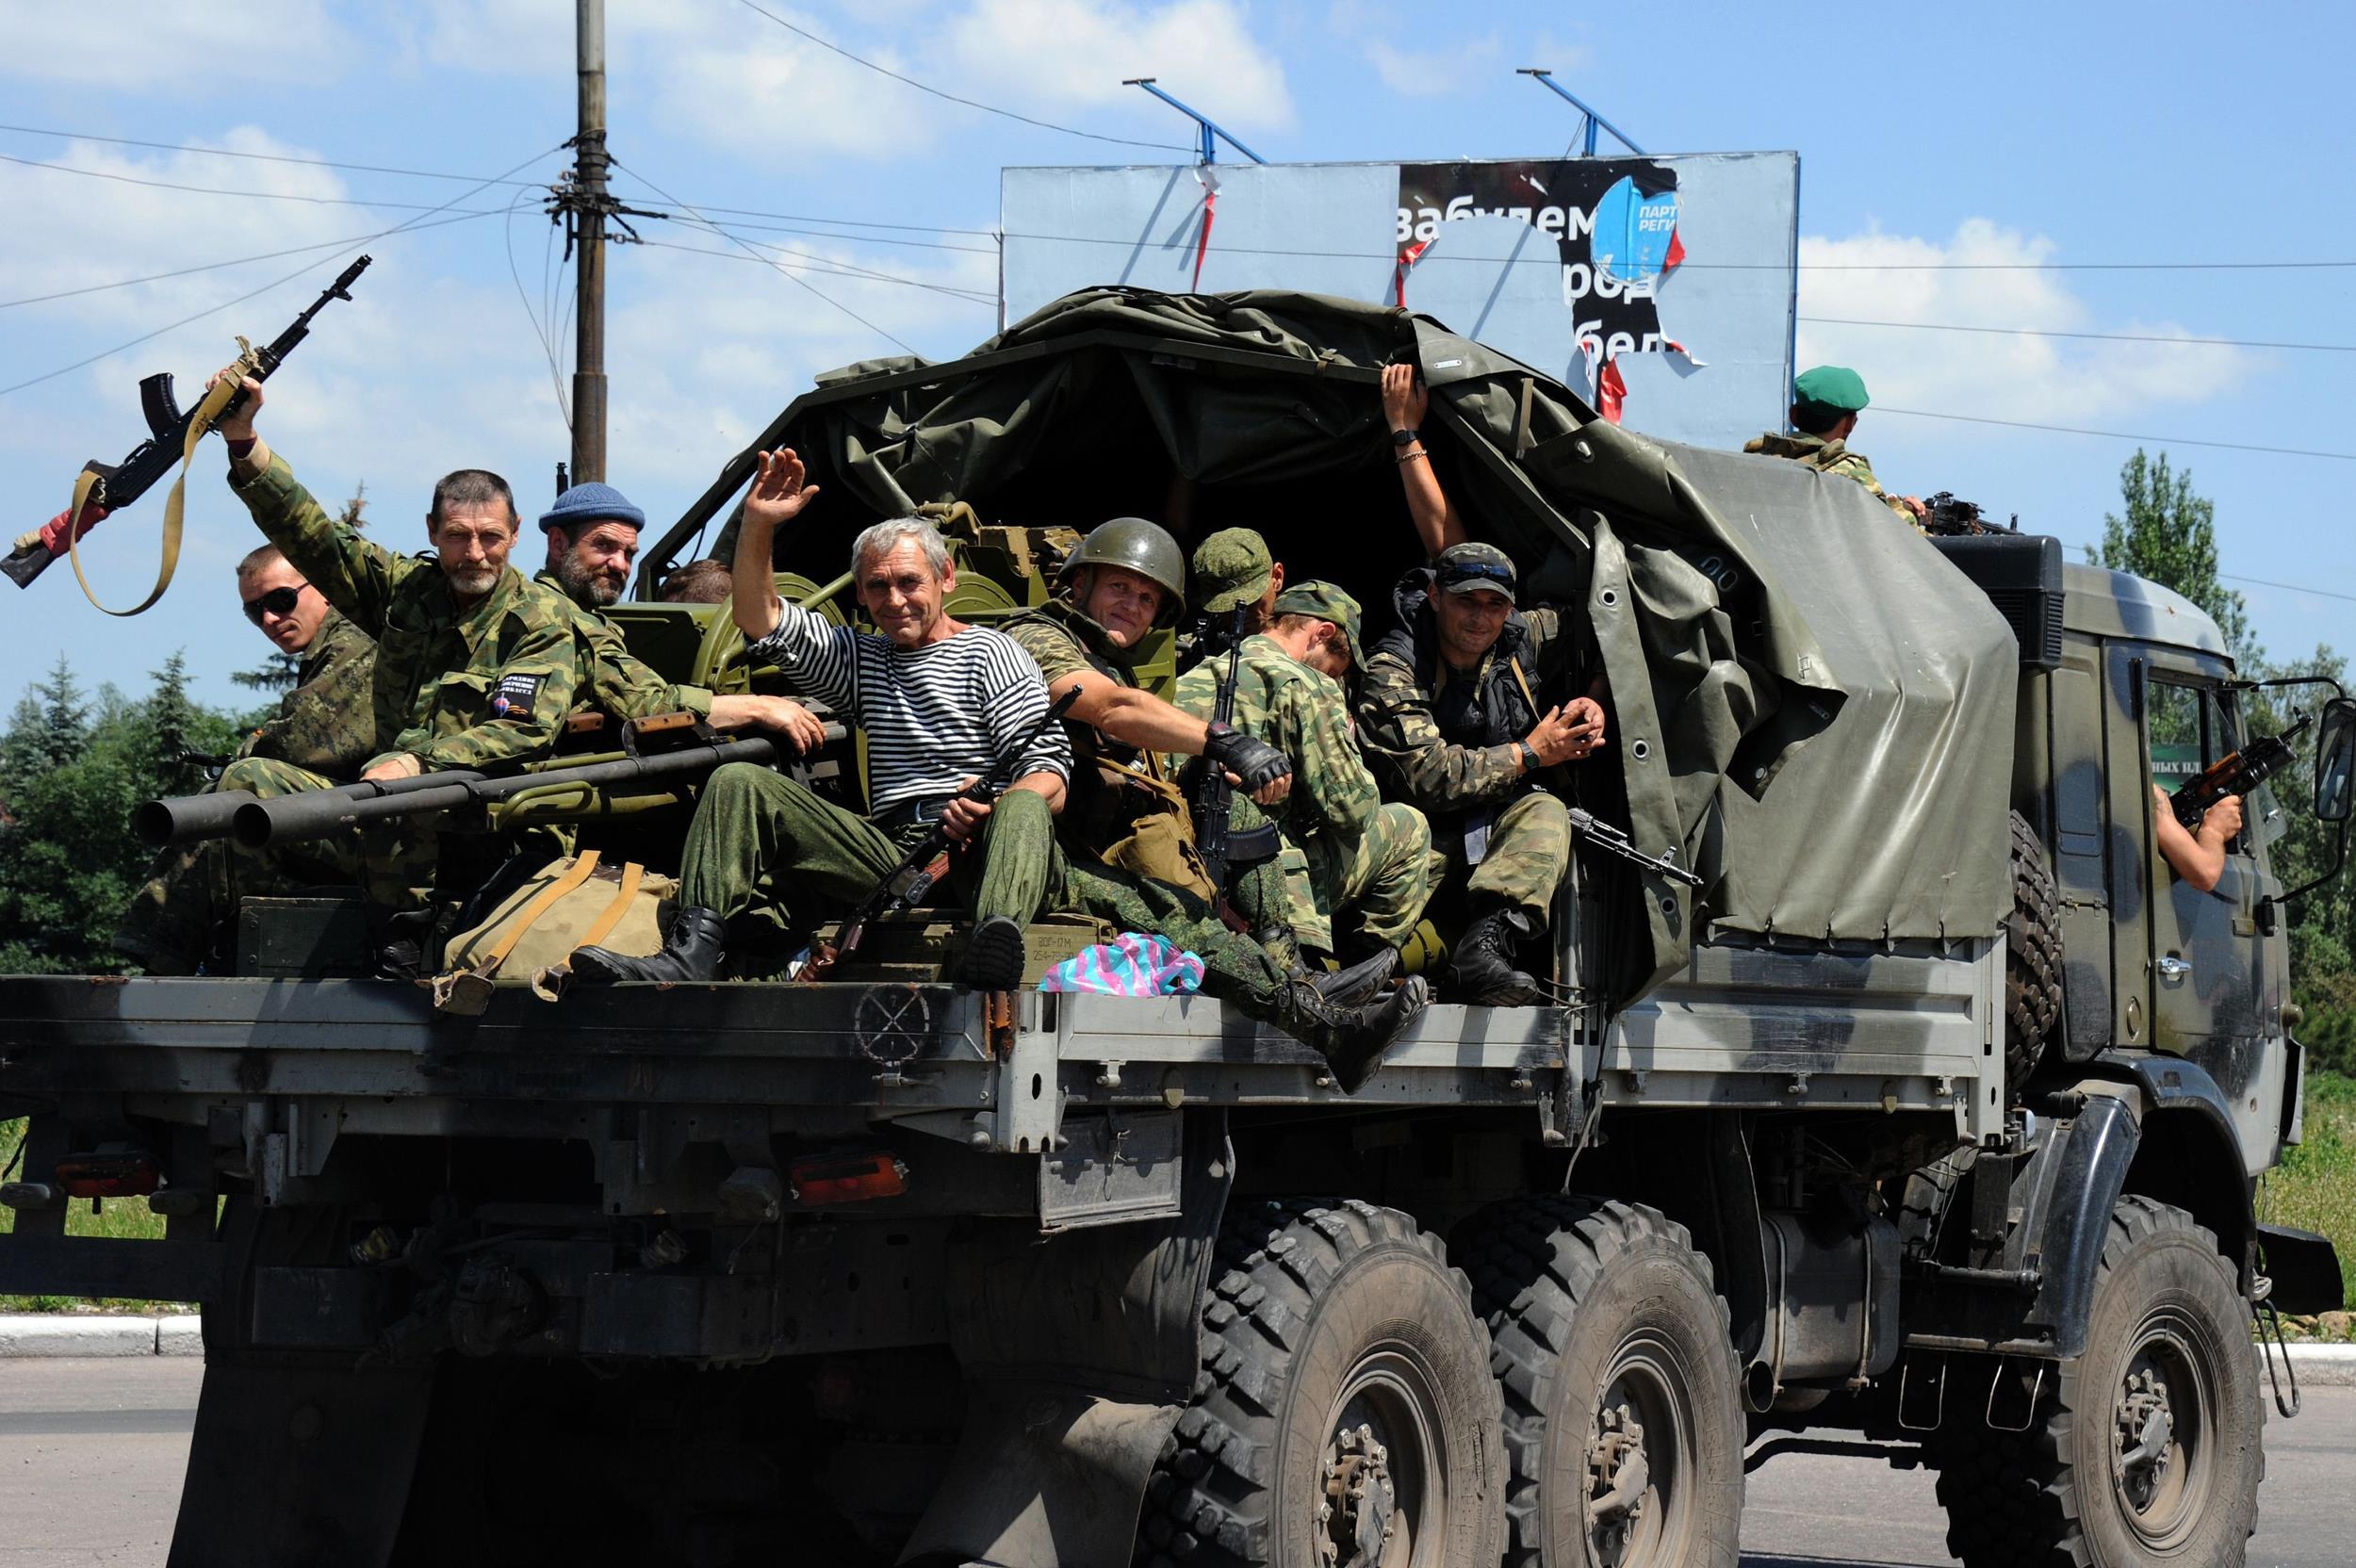 Image: UKRAINE-RUSSIA-POLITICS-CRISIS